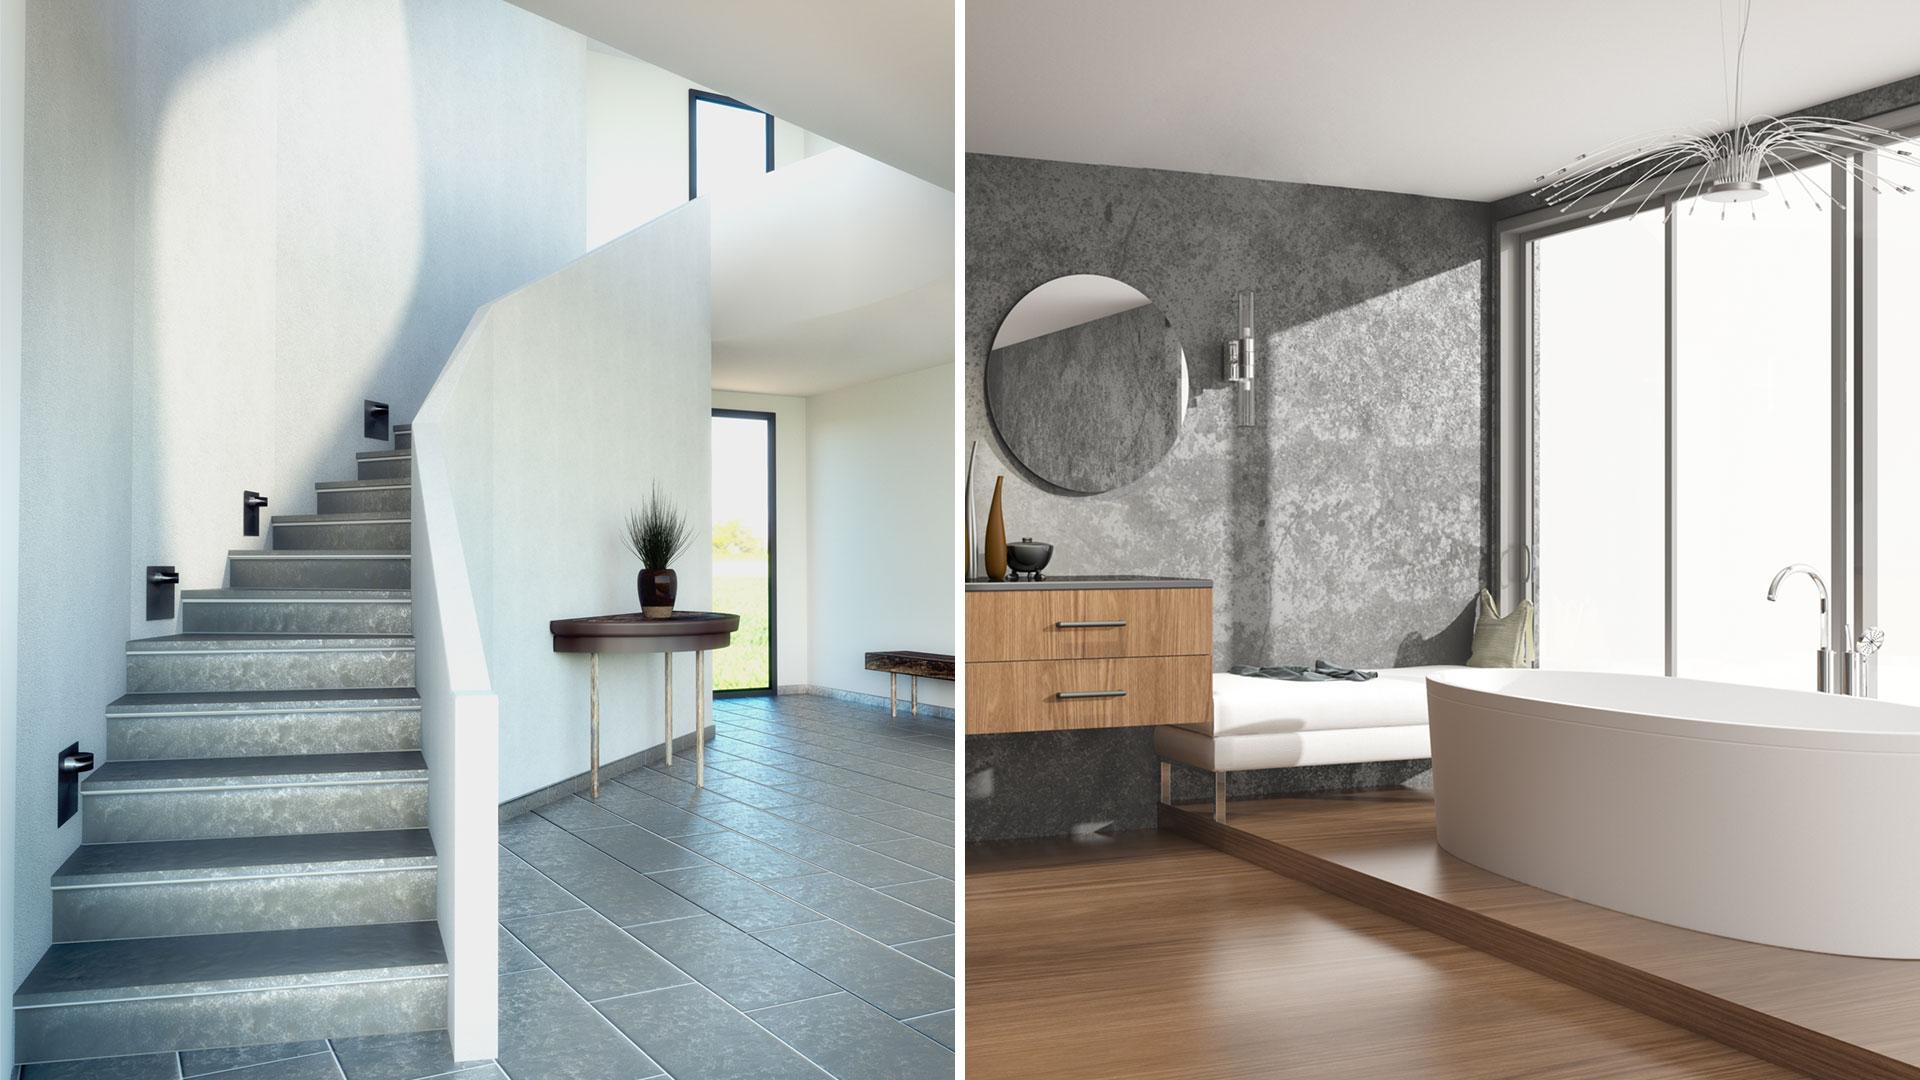 Edle Treppe mit geputzter Mauer und großes Badezimmer mit Designer-Wanne